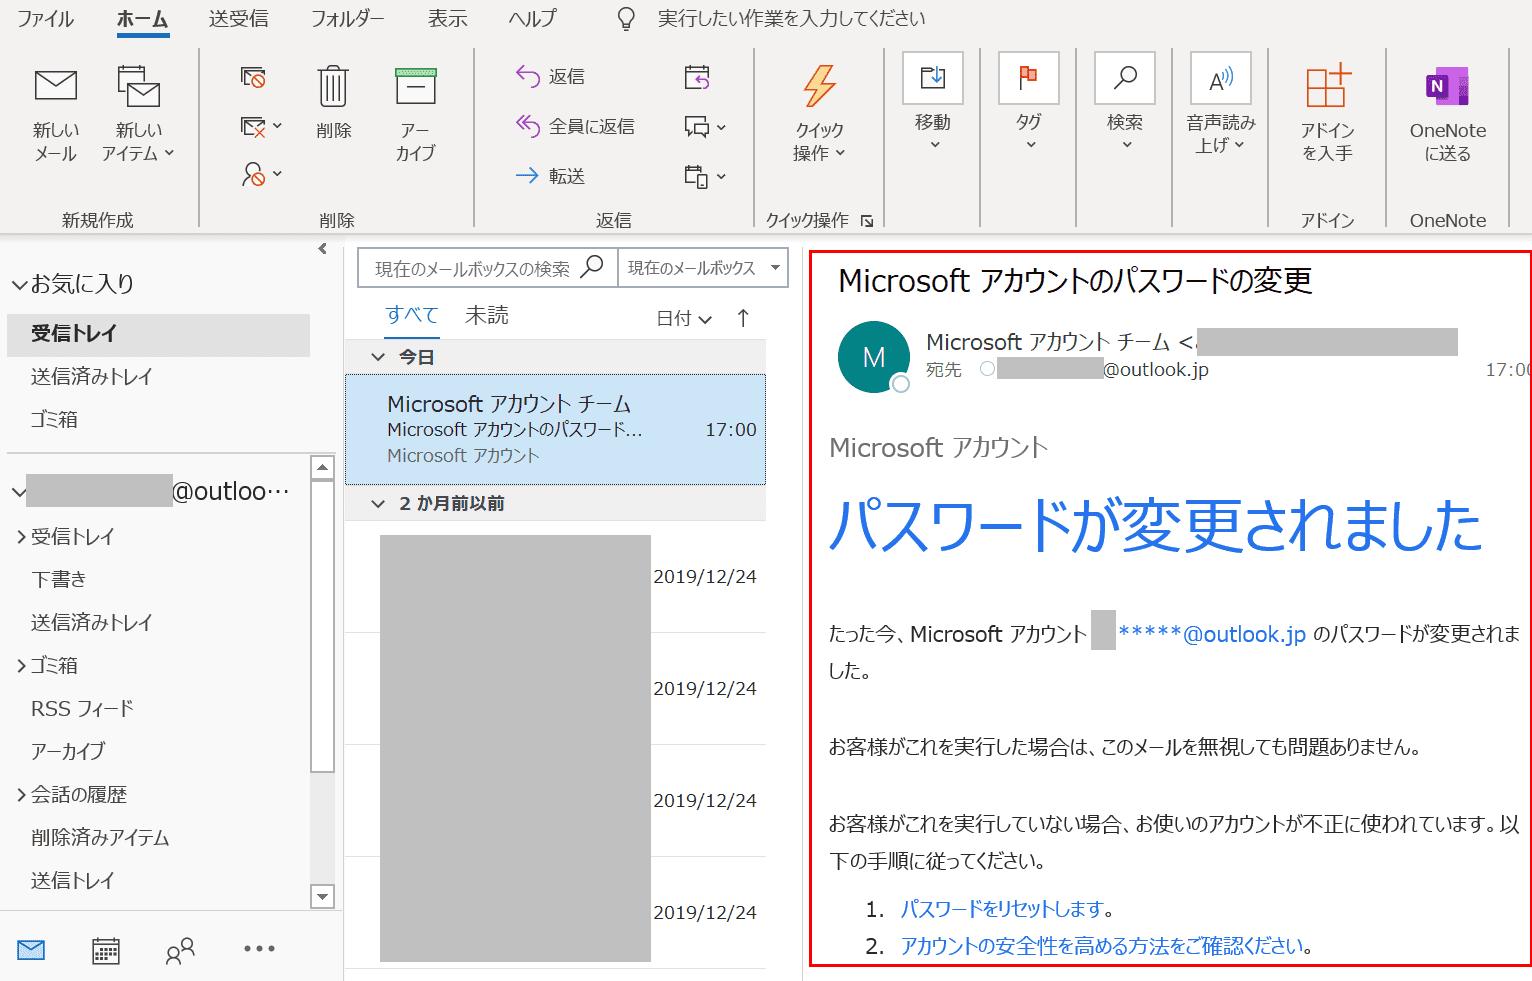 パスワード変更のメール受信